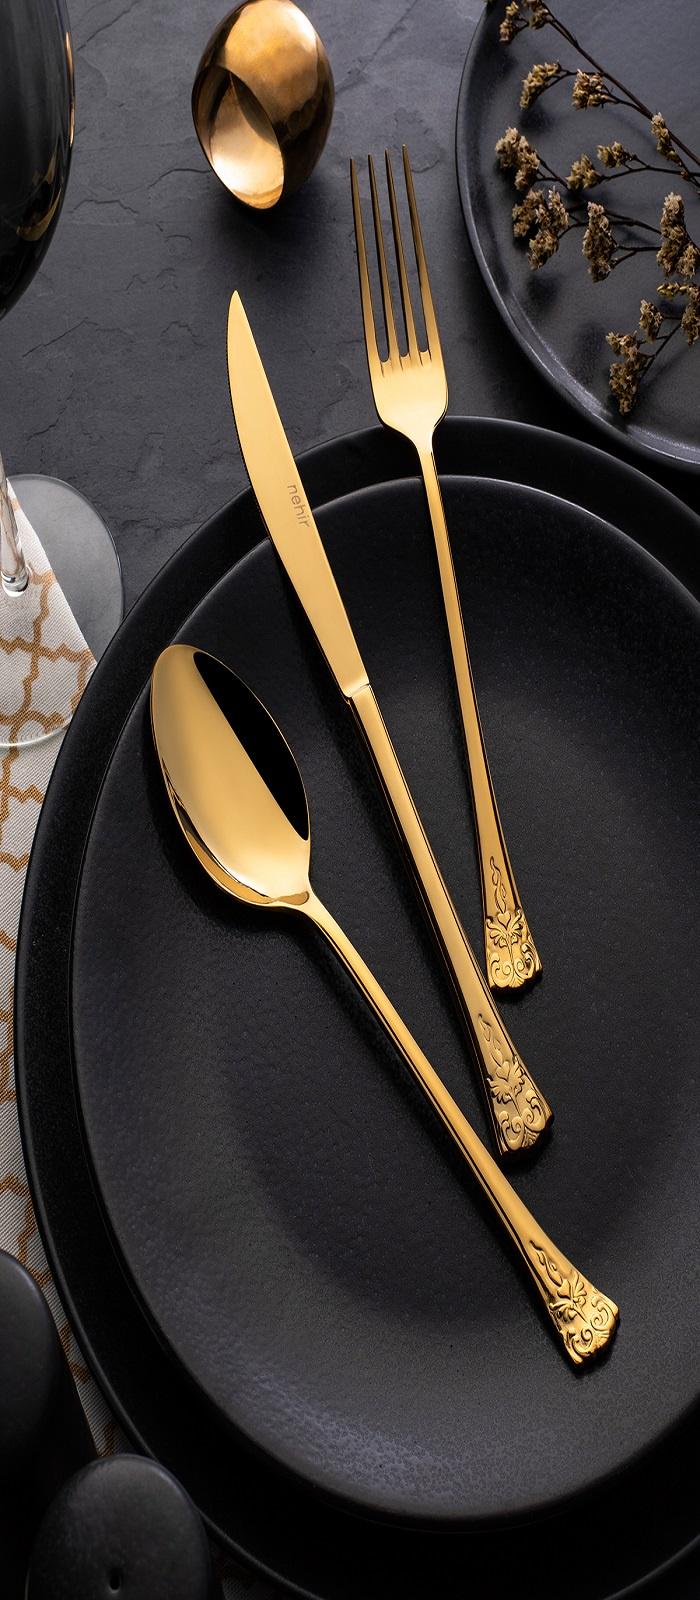 купить Набор столовых приборов NEHIR AKASYATITANIUMGOLD, золотой по цене 15498 рублей